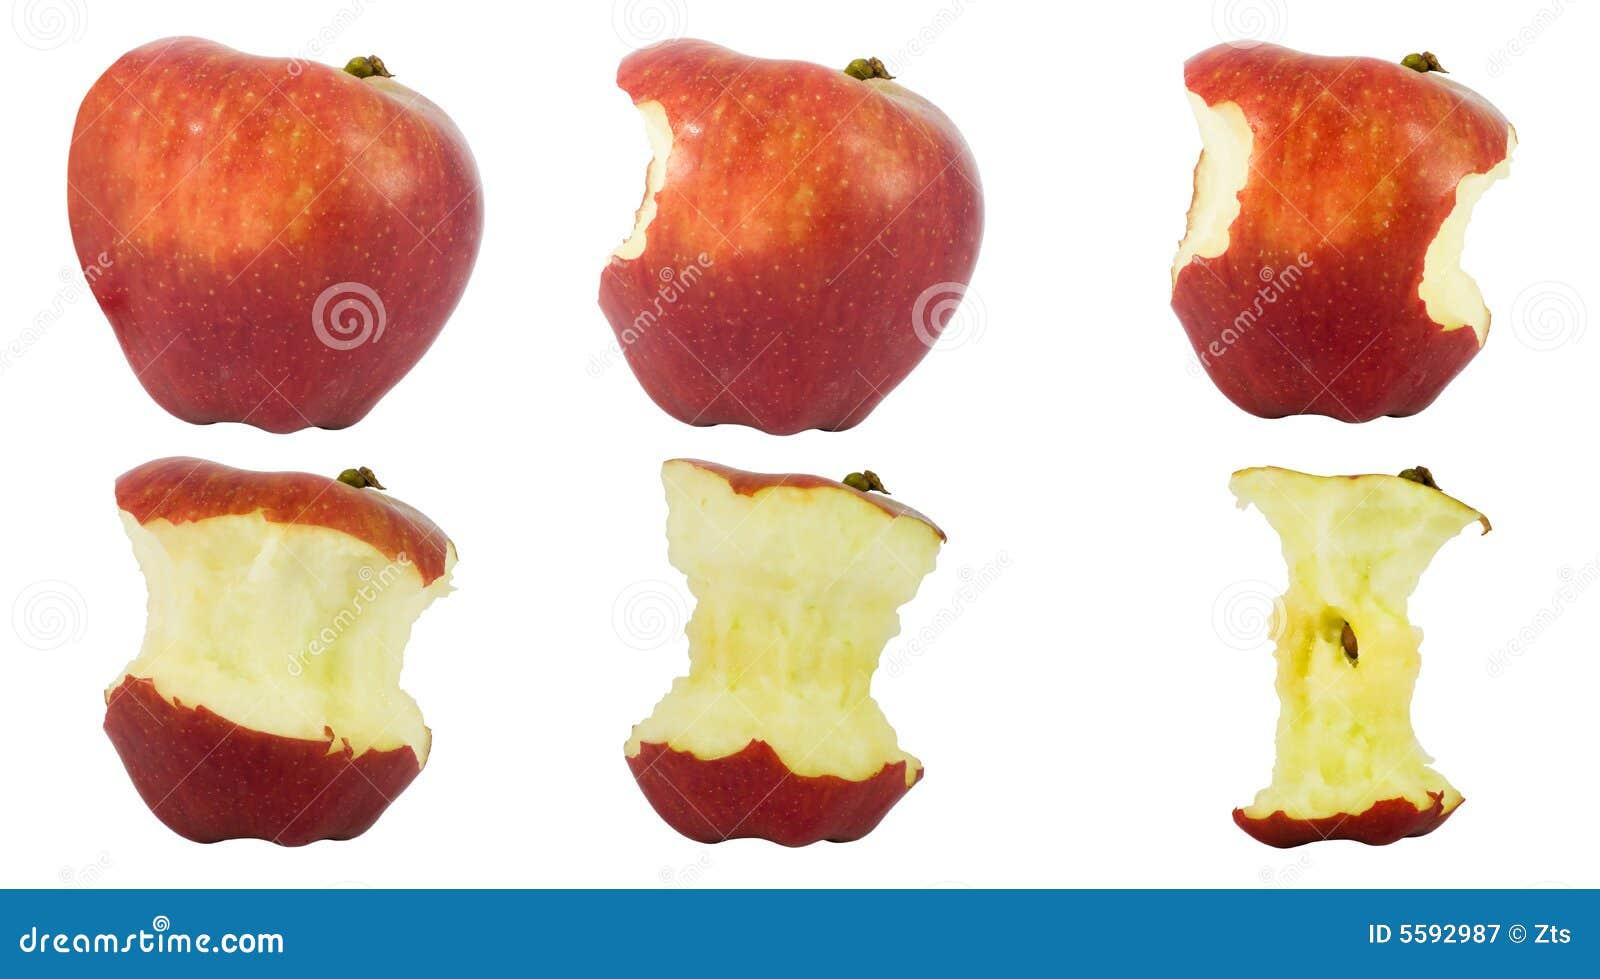 Jabłko jest zjedzony sekwencją